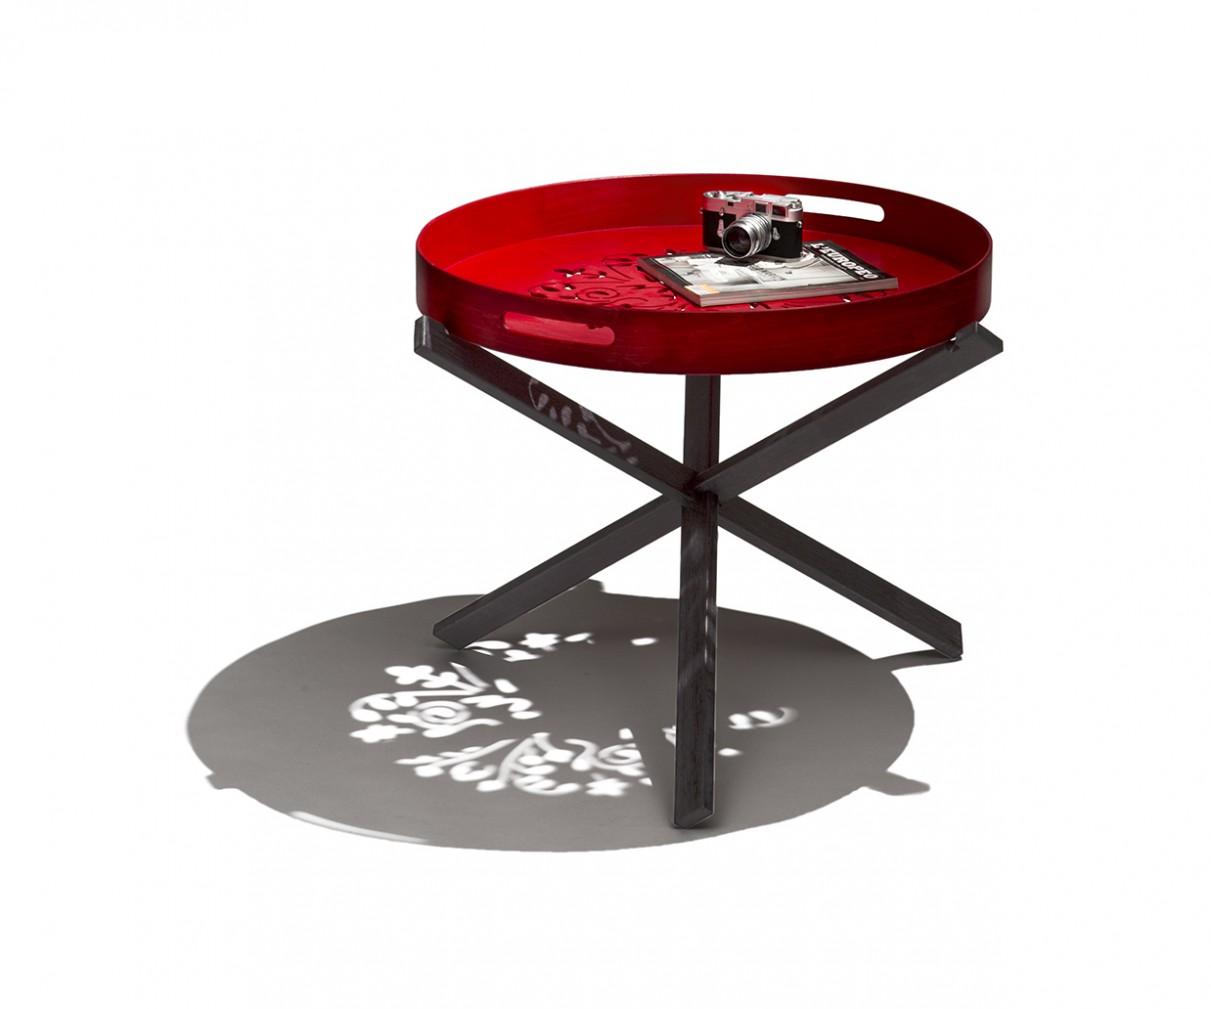 Tavolino Con Vassoio Asportabile.Tripodino Tavolino Con Vassoio Asportabile